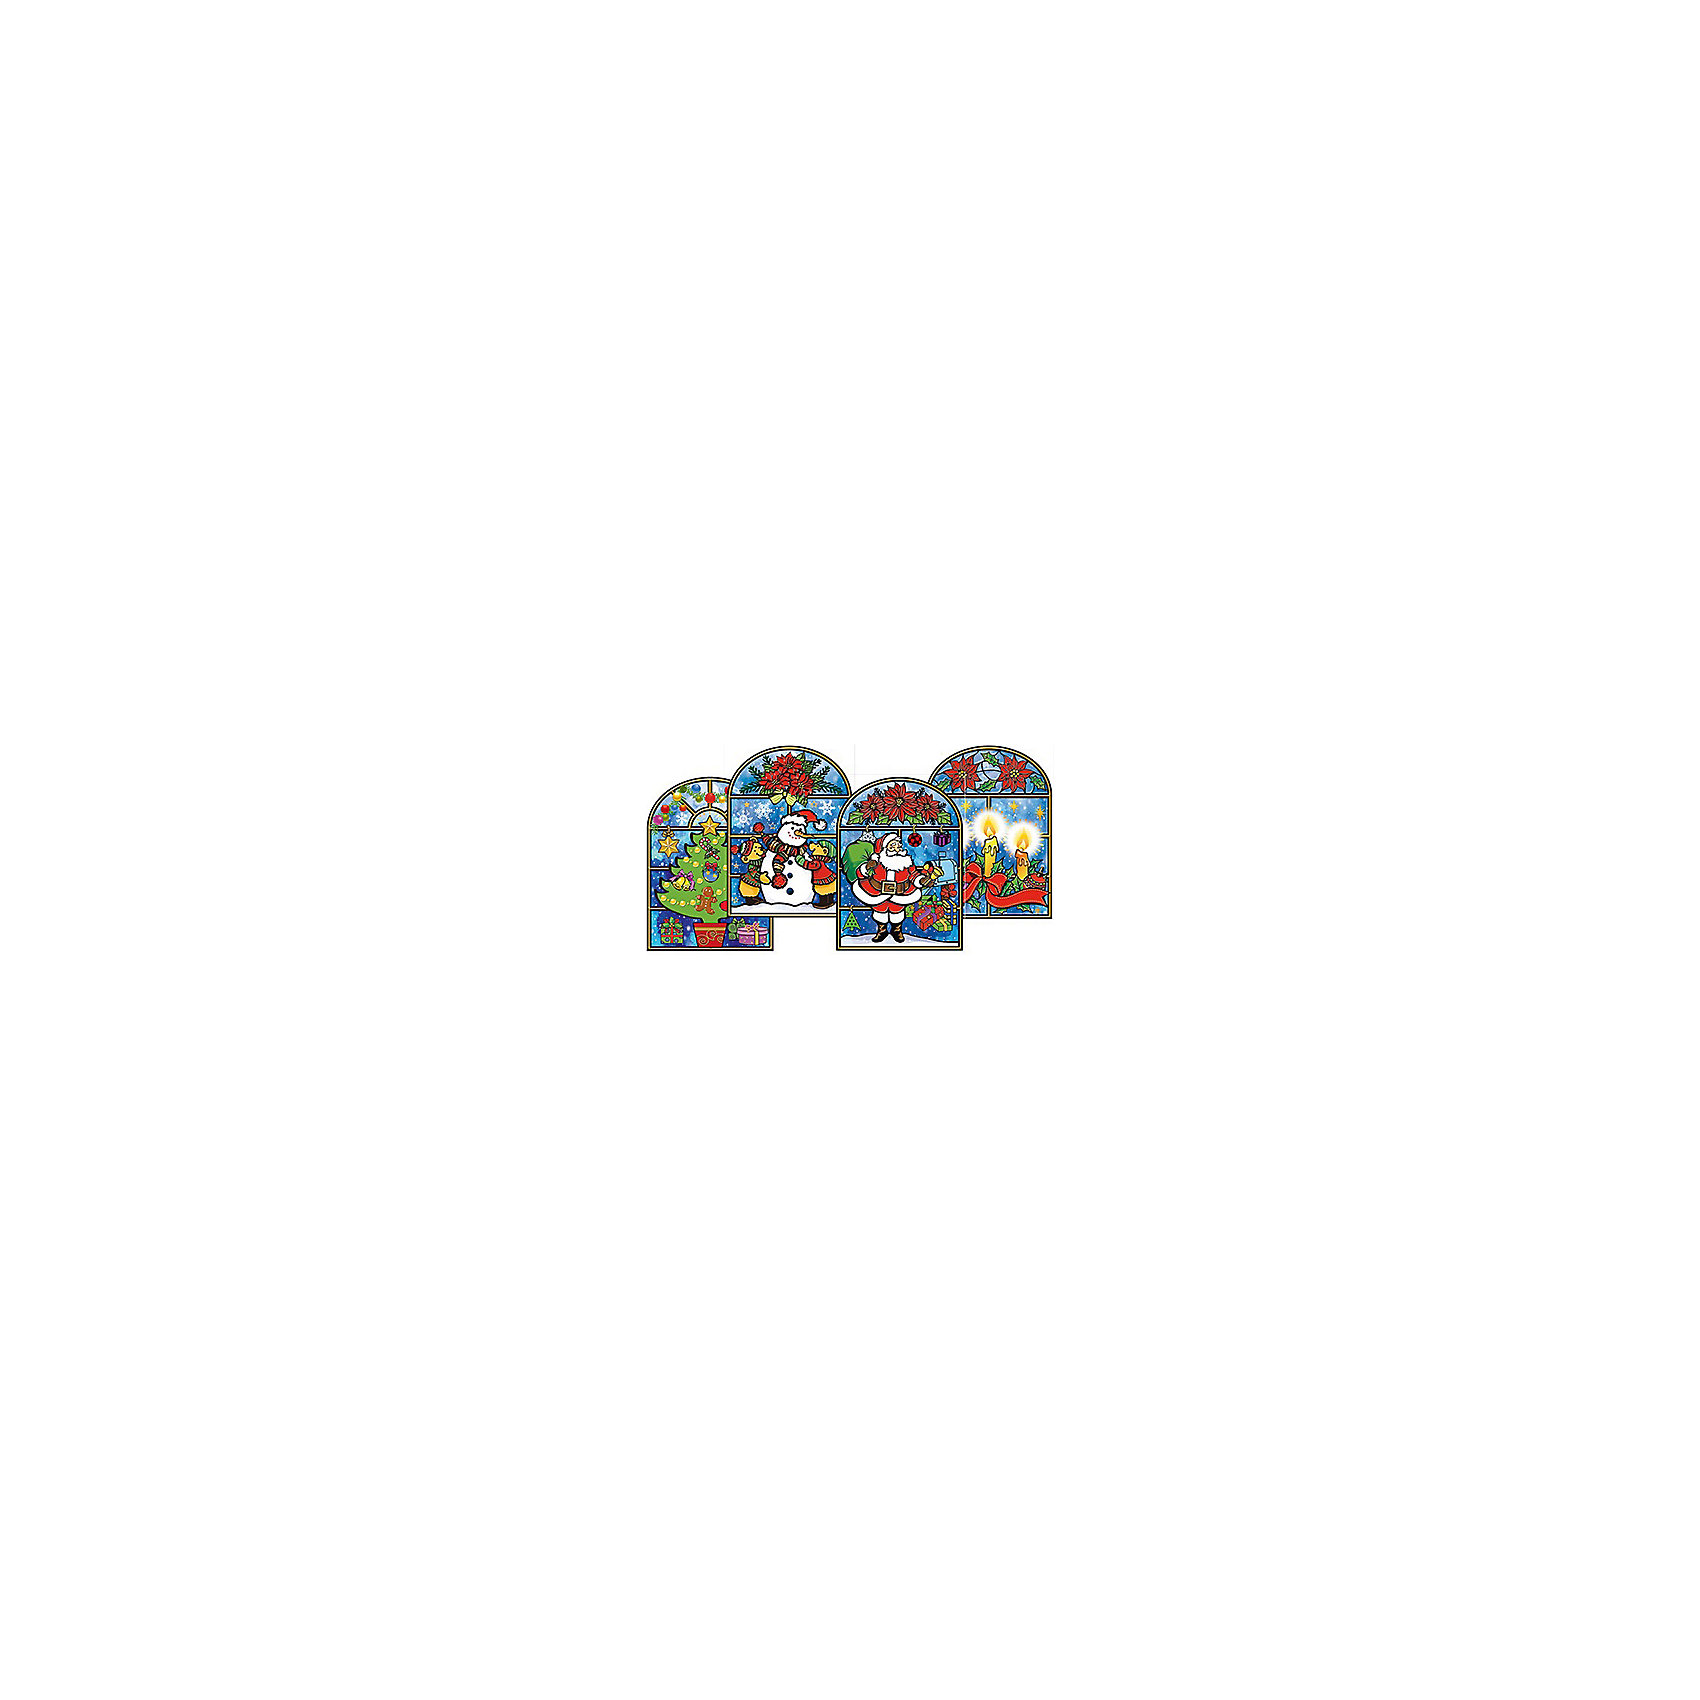 Наклейка на стекло Новогодний вечер, в ассортиментеВсё для праздника<br>Наклейка на стекло Новогодний вечер, в ассортименте – этот новогодний аксессуар создаст в доме праздничную атмосферу.<br>Наклейка на стекло Новогодний вечер – это оригинальное новогоднее украшение, которое в сочетании с елкой довершит чудесное преобразование интерьера перед праздником. Украшение предназначено для декорирования стеклянных поверхностей. С его помощью можно оригинально украсить окна, стекла межкомнатных дверей, а так же зеркальные поверхности.<br><br>Дополнительная информация:<br><br>- В ассортименте 4 дизайна<br>- Размер упаковки: 30 х 20 см.<br>- Вес: 30 гр.<br>- ВНИМАНИЕ! Данный артикул представлен в разных вариантах исполнения. К сожалению, заранее выбрать определенный вариант невозможно. При заказе нескольких наборов возможно получение одинаковых<br><br>Наклейку на стекло Новогодний вечер, в ассортименте можно купить в нашем интернет-магазине.<br><br>Ширина мм: 300<br>Глубина мм: 200<br>Высота мм: 3<br>Вес г: 30<br>Возраст от месяцев: 36<br>Возраст до месяцев: 2147483647<br>Пол: Унисекс<br>Возраст: Детский<br>SKU: 4319567